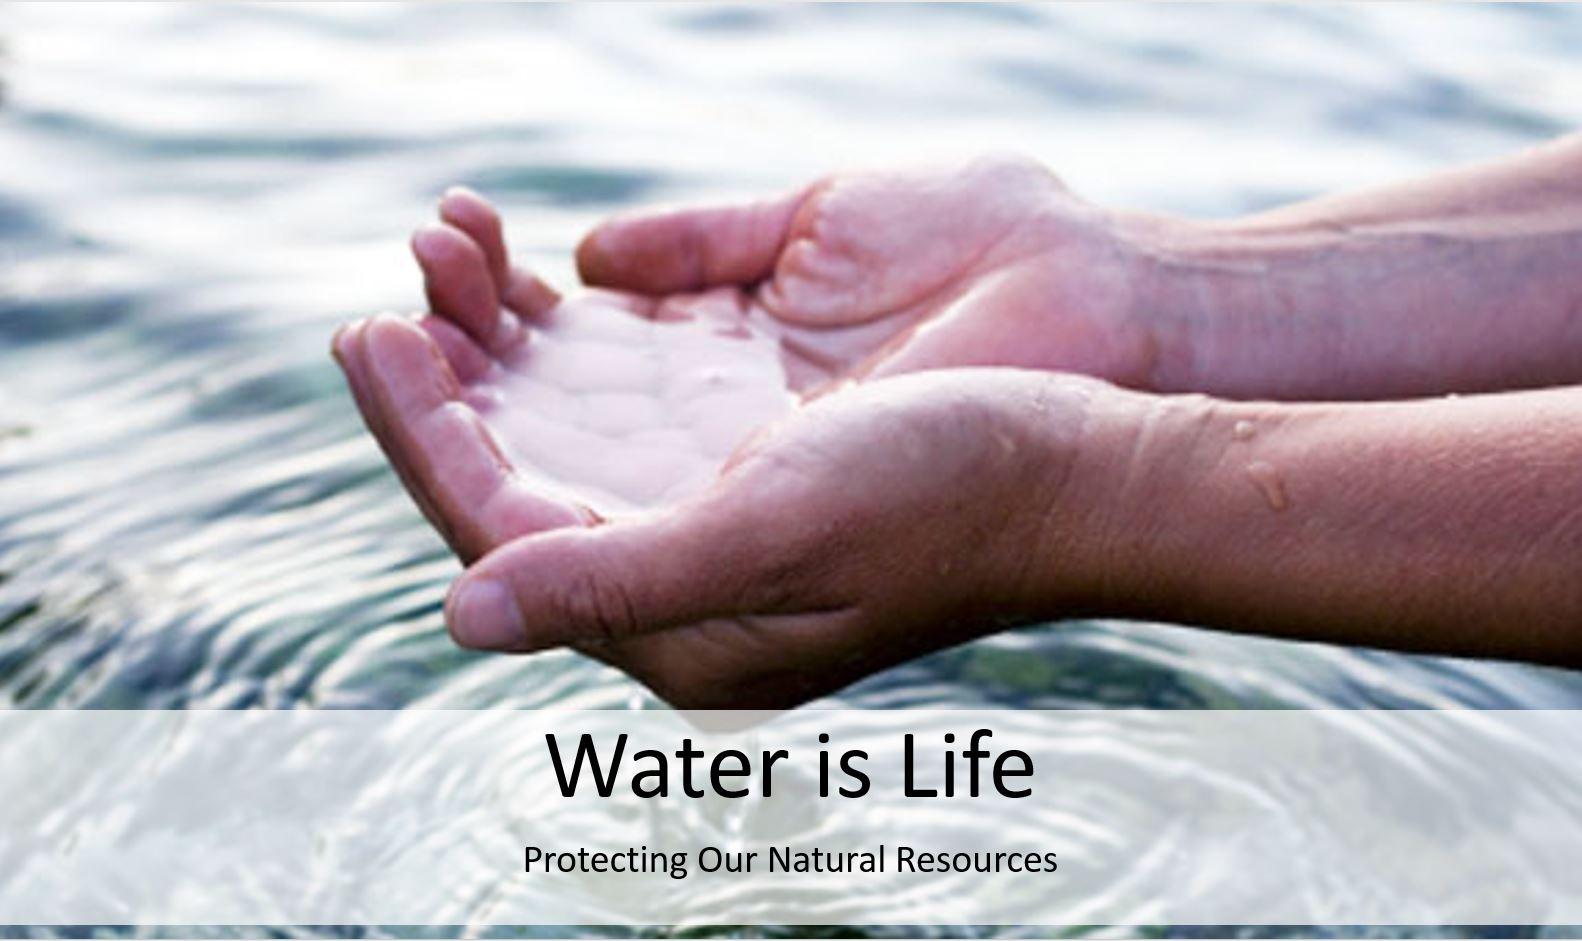 Water is Life1.JPG